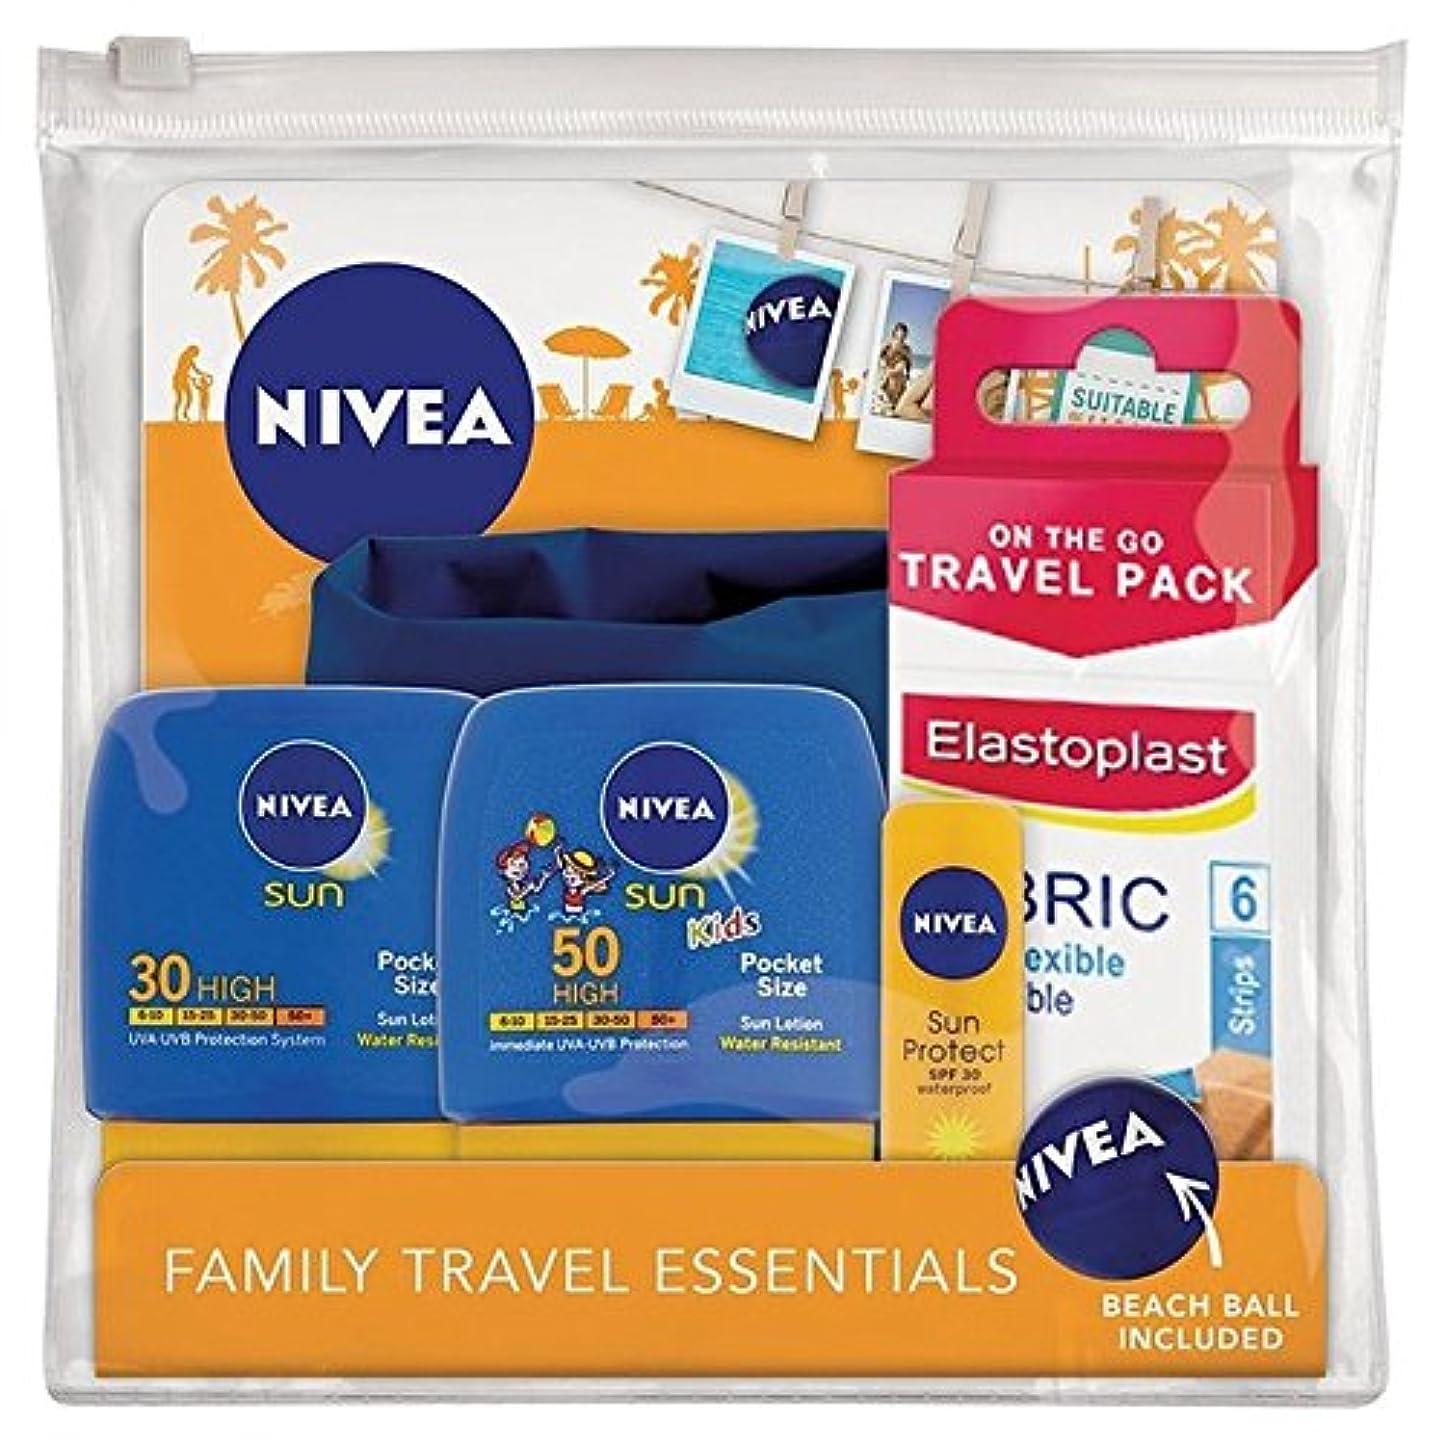 連帯放送汚染されたニベア日旅行パック x2 - Nivea Sun Travel Pack (Pack of 2) [並行輸入品]